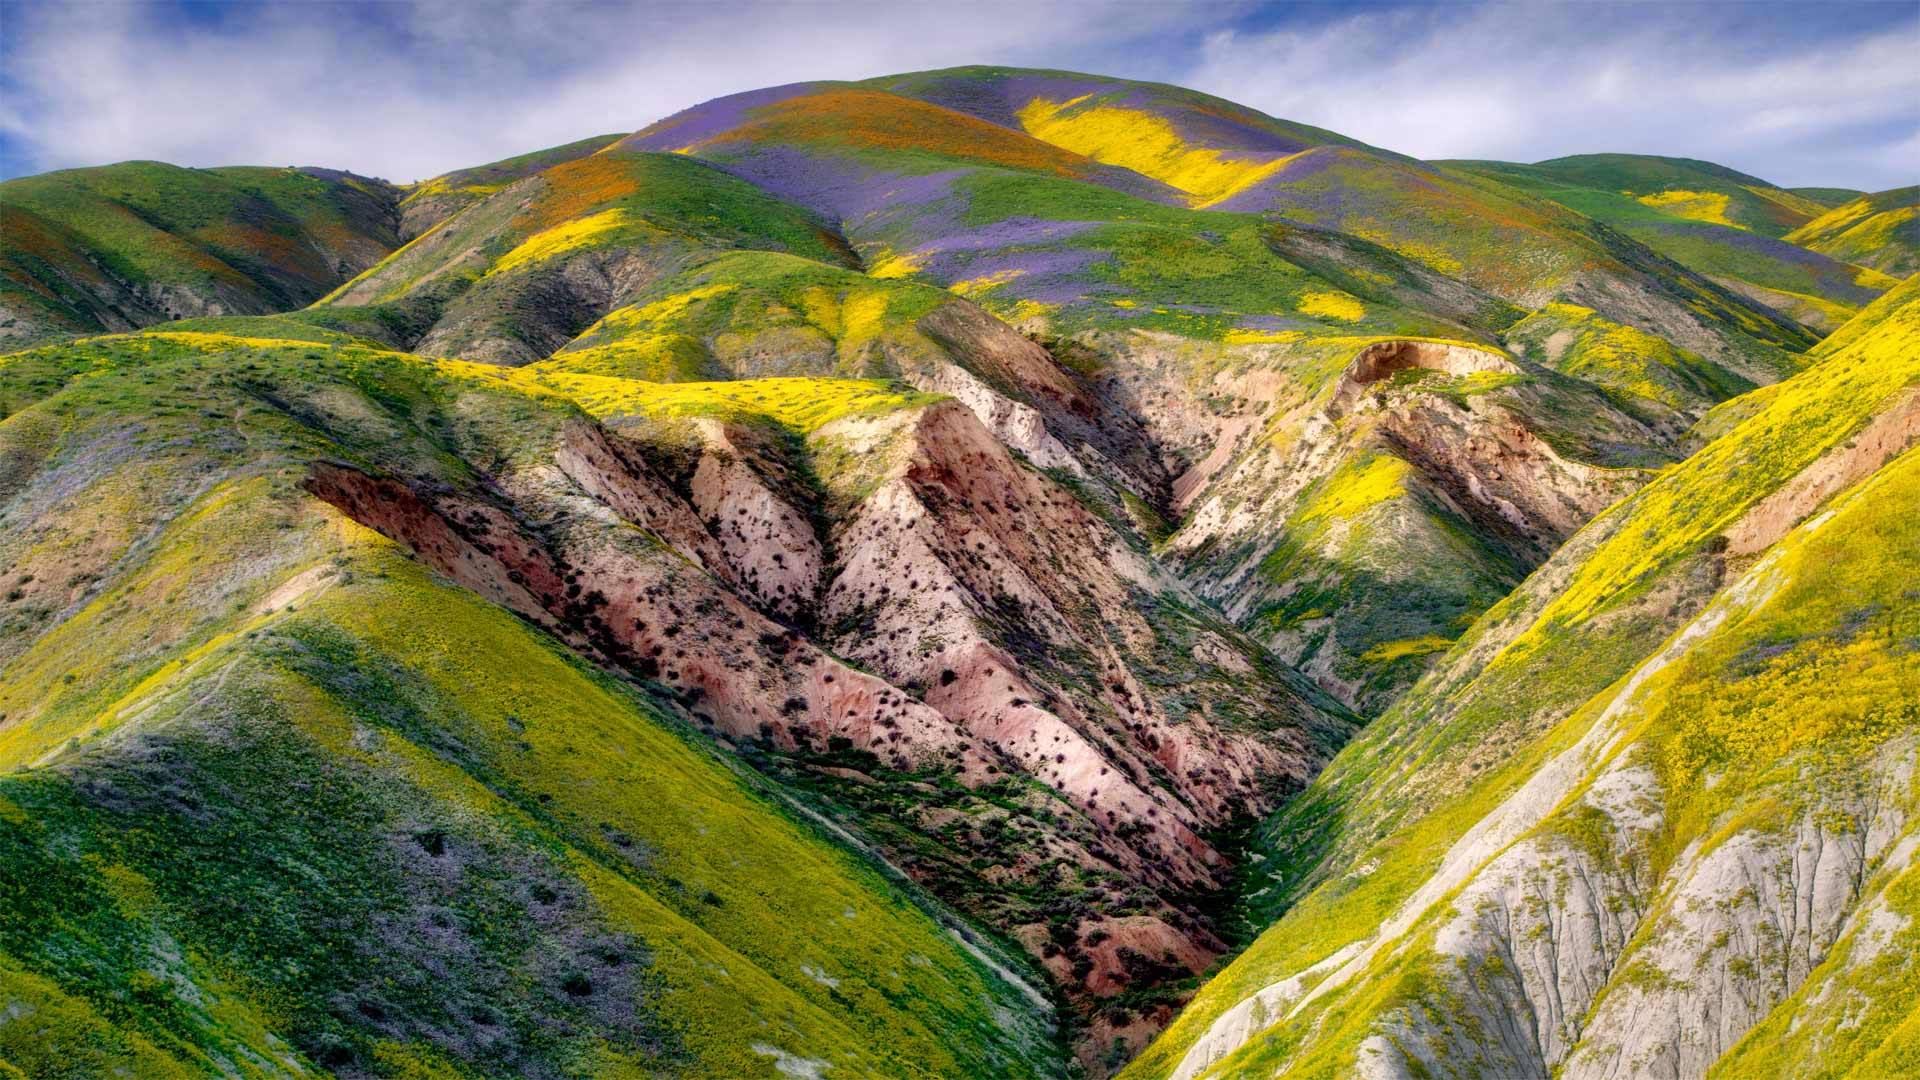 卡里佐平原国家纪念区的野花,加利福尼亚 (© Dennis Frates/Alamy)